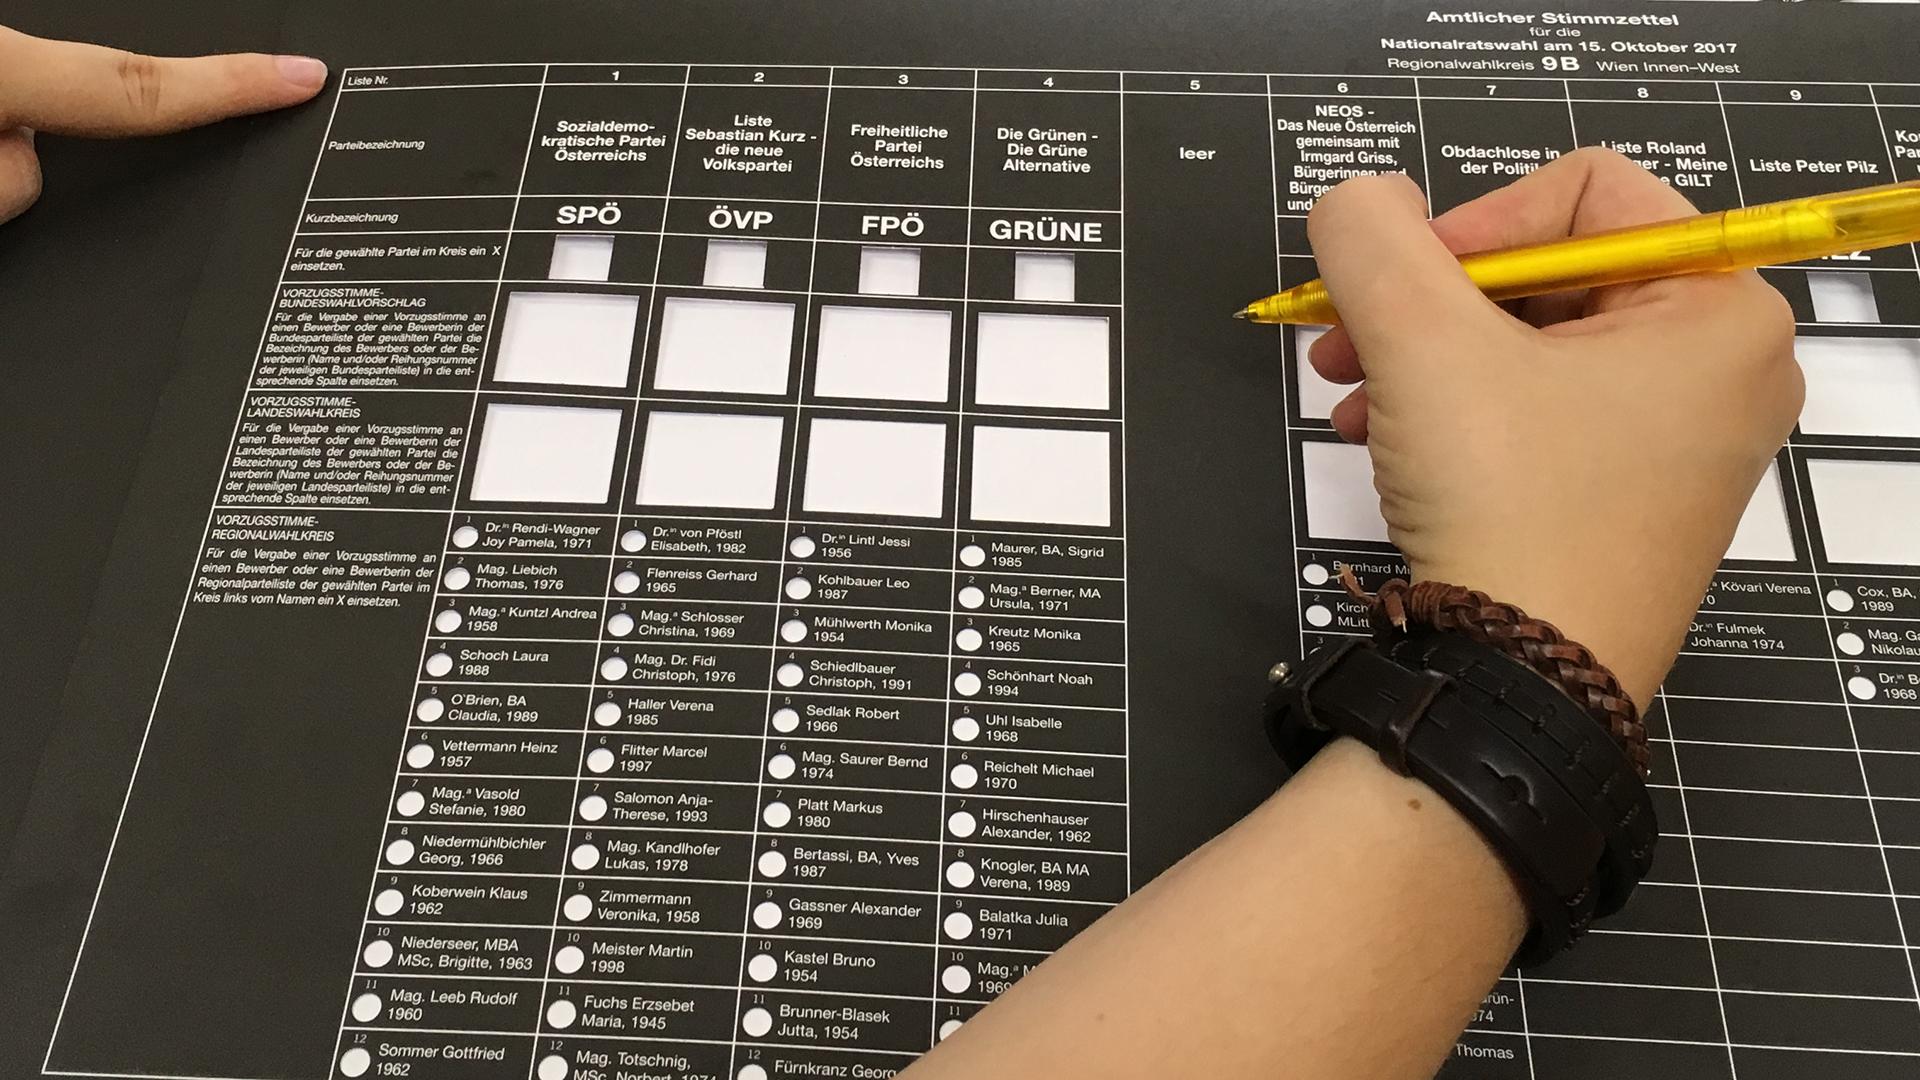 Stimmzettelschablone - Übersicht